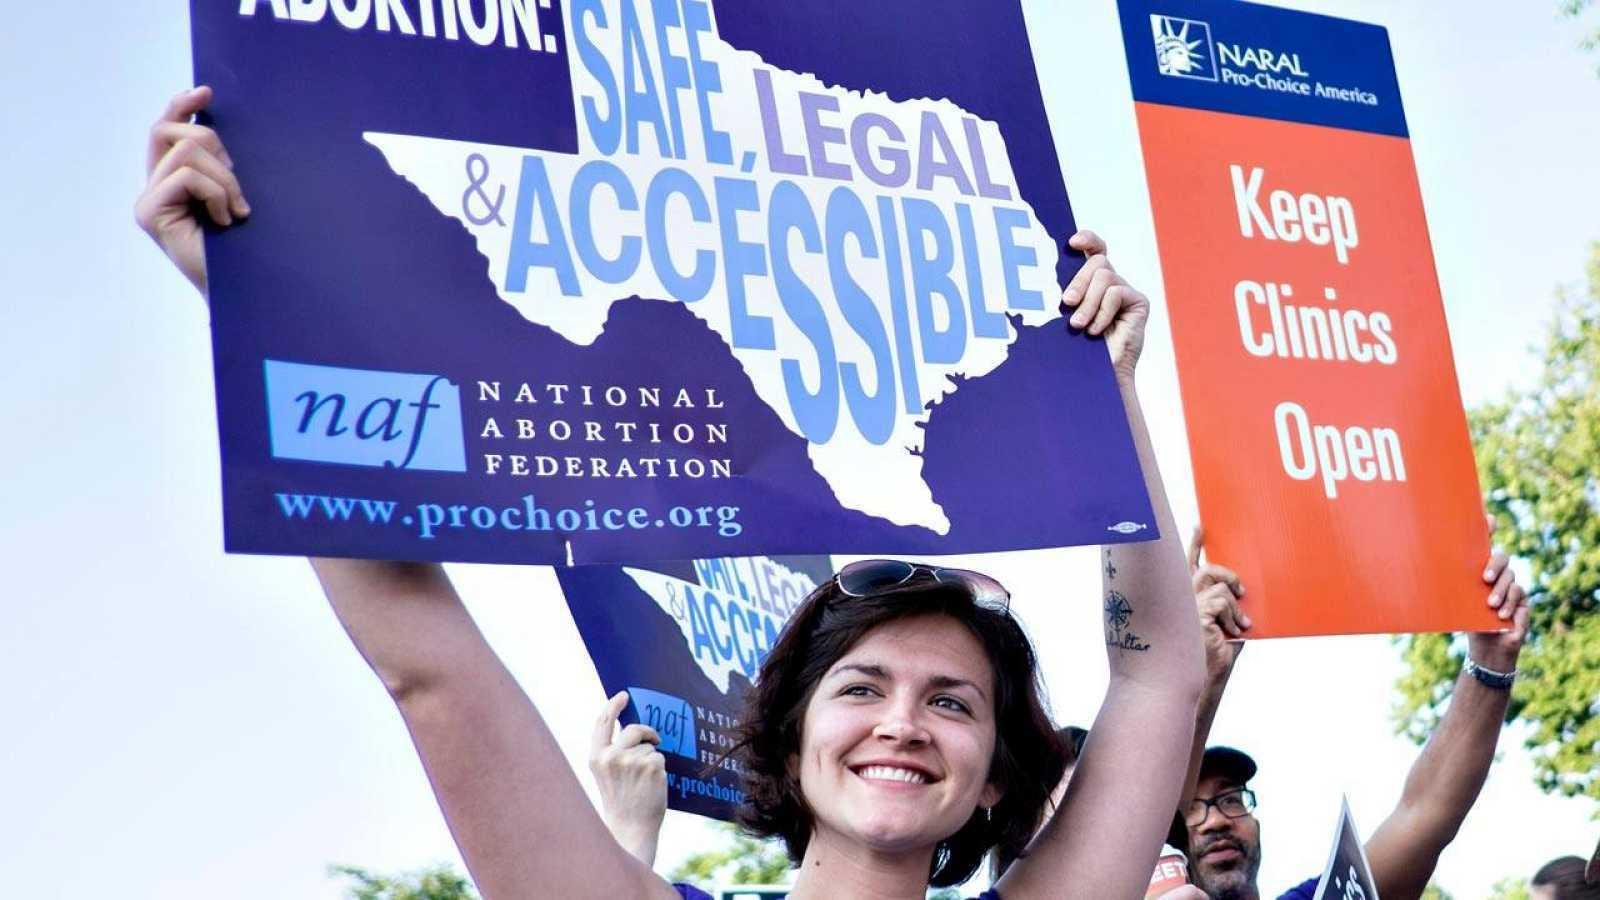 Manifestantes a favor del aborto legal y seguro durante una manifestación en Washington ante la sede del Tribunal Supremo